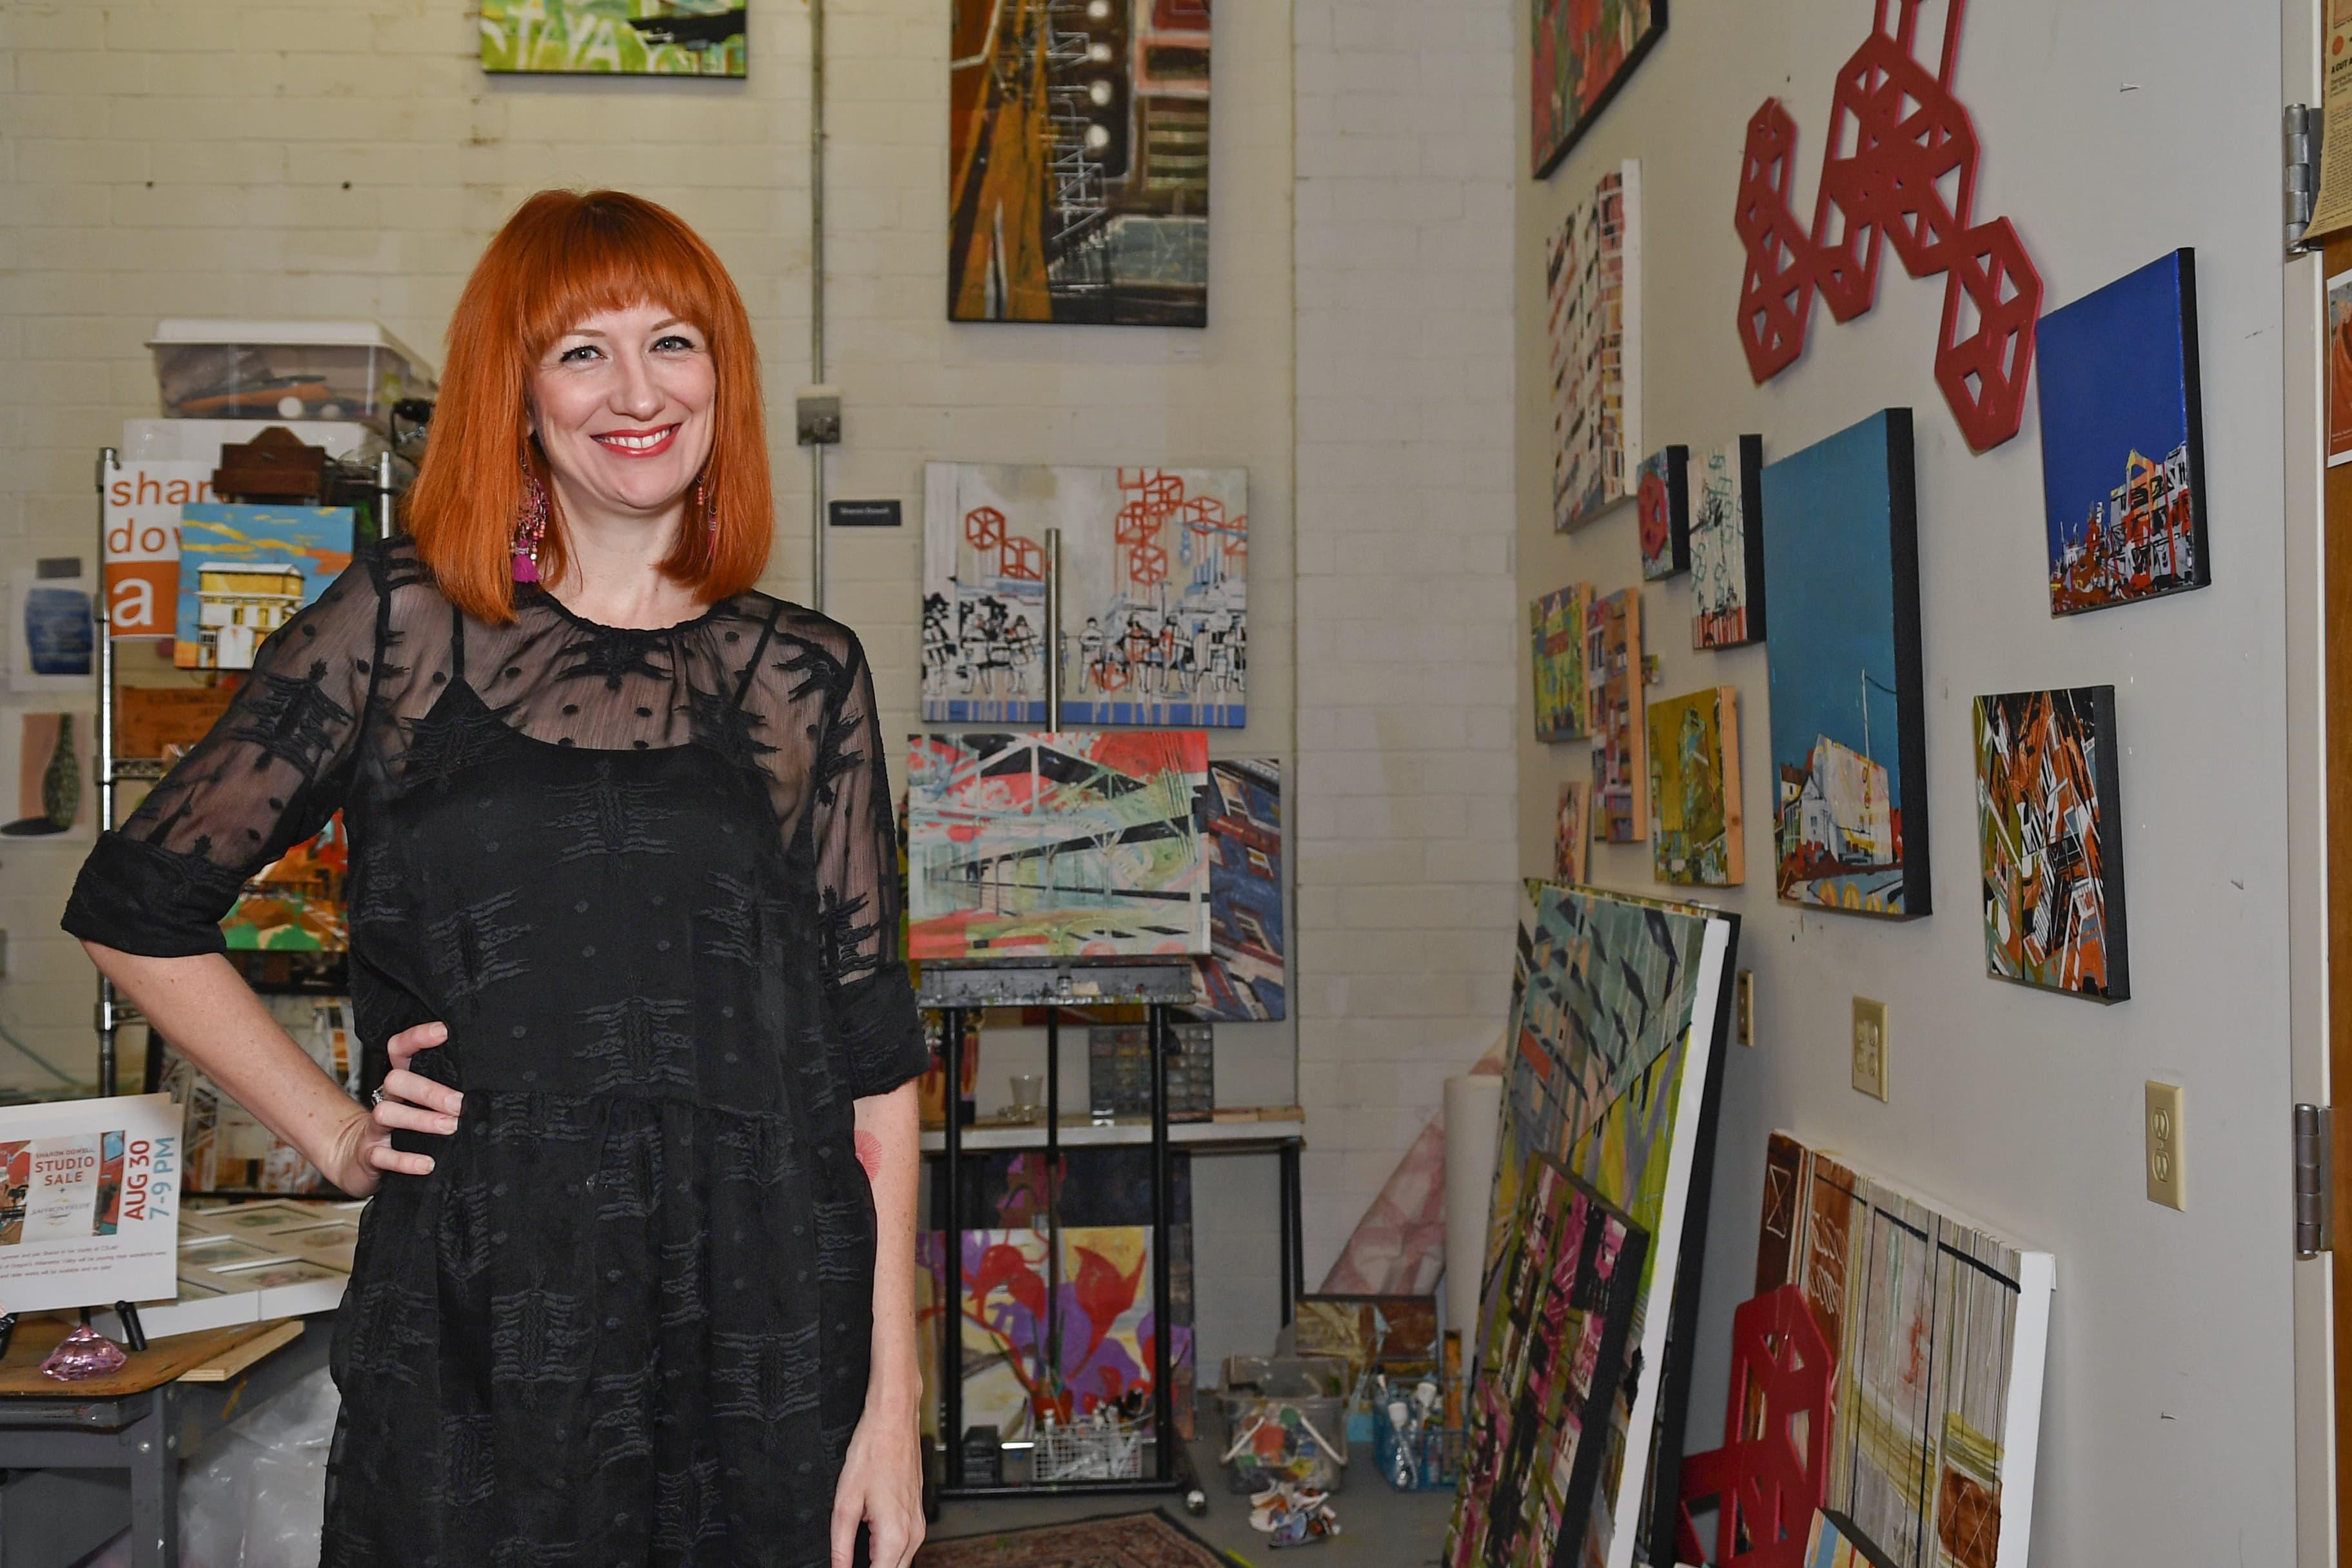 Sharon Dowell in her studio